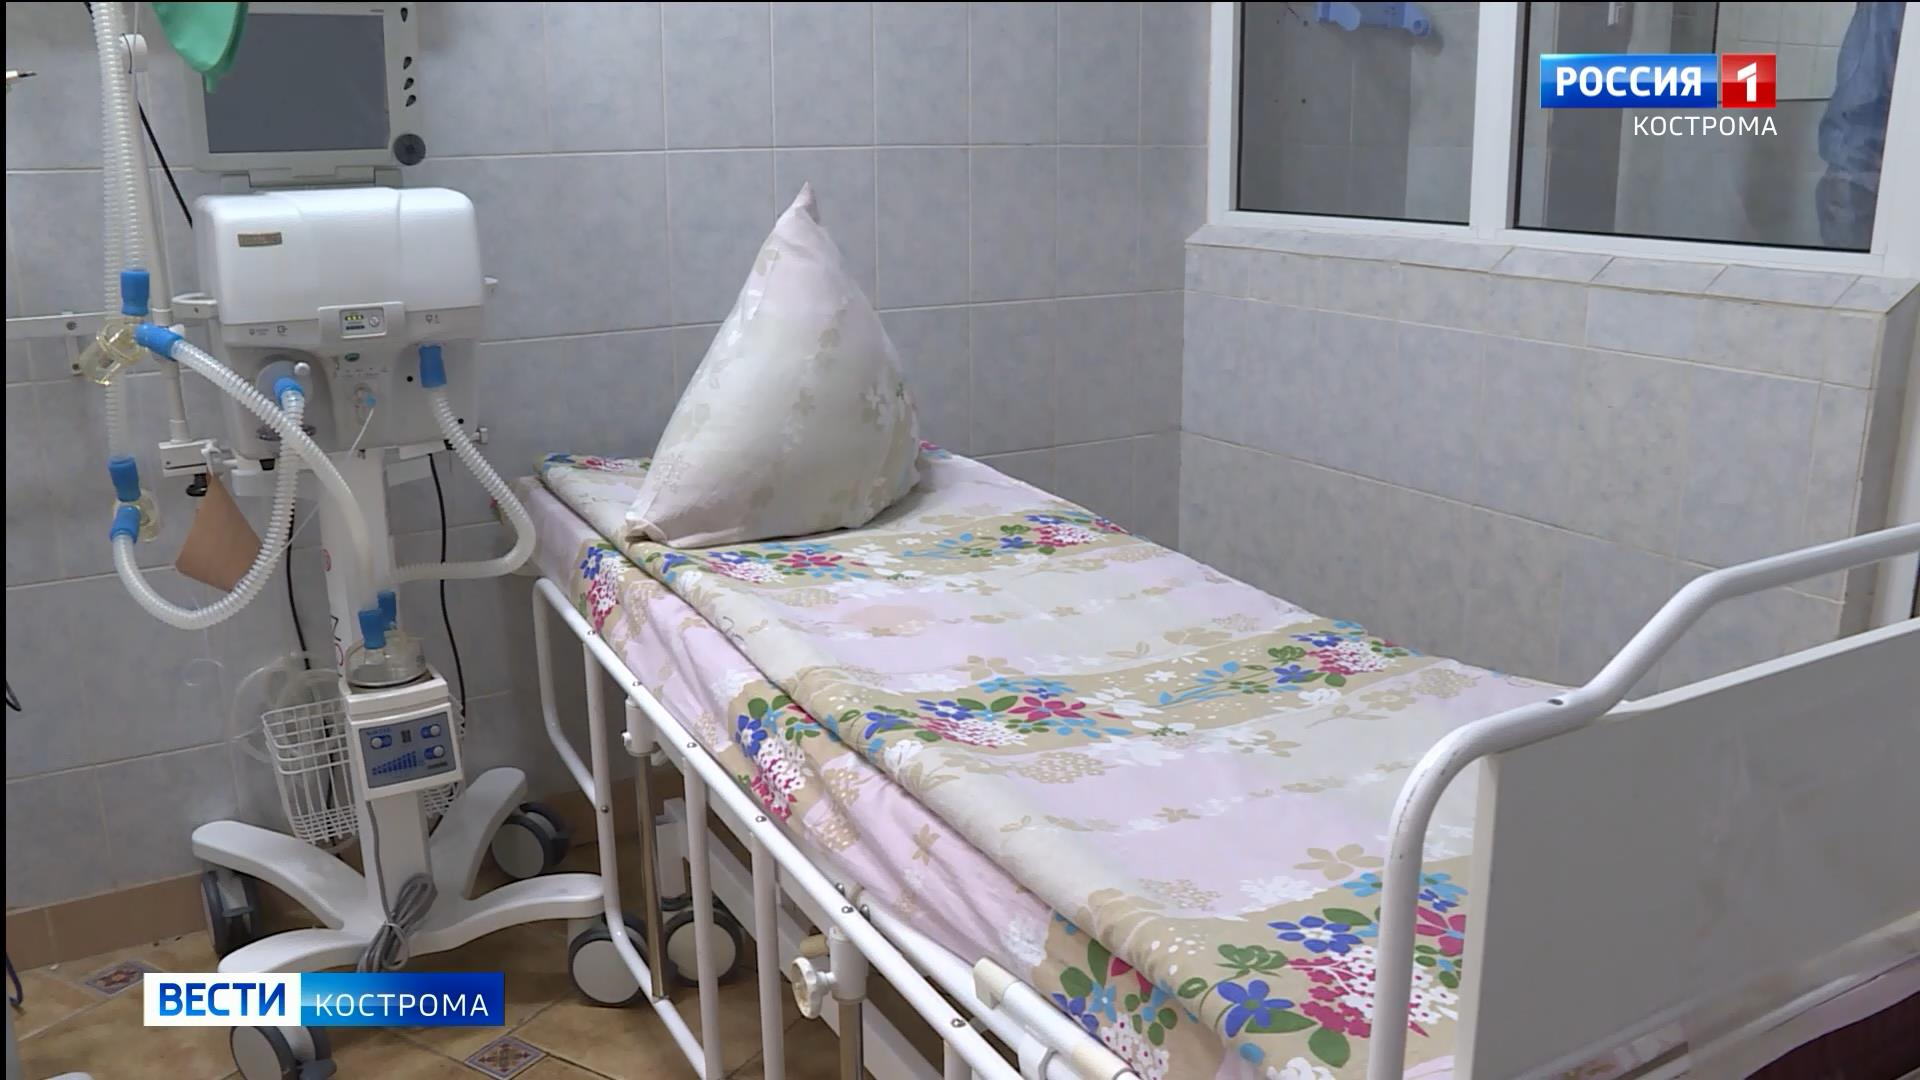 В Костроме из-за коронавируса умерли две женщины